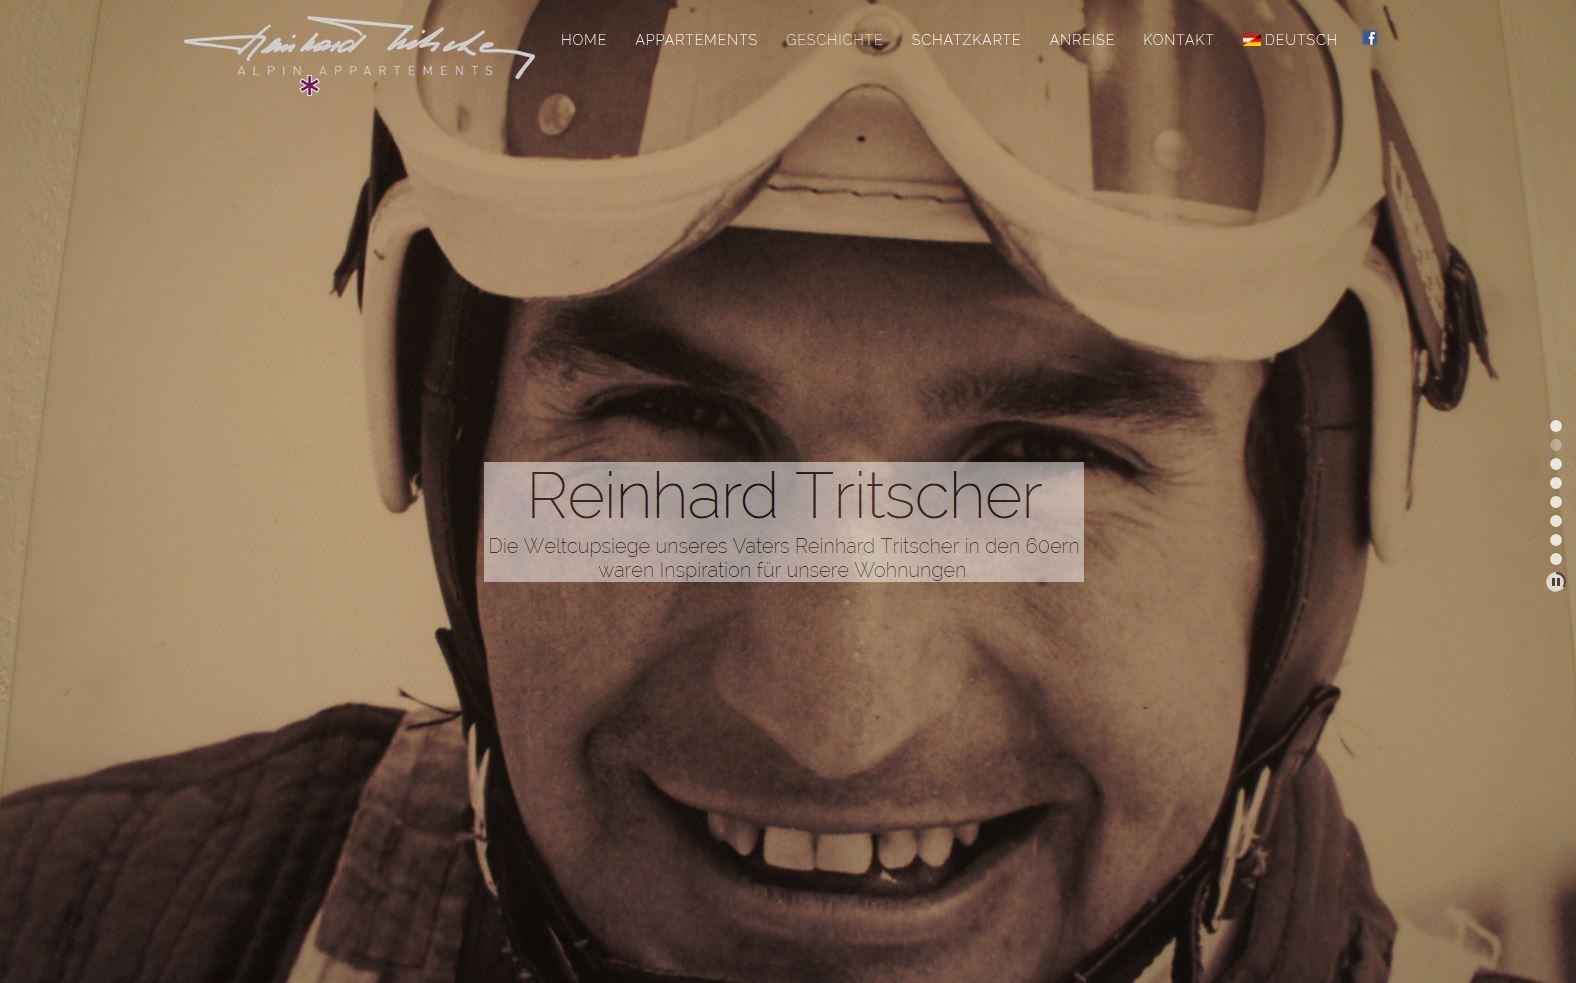 Alpin Appartements Reinhardt Tritscher – Website